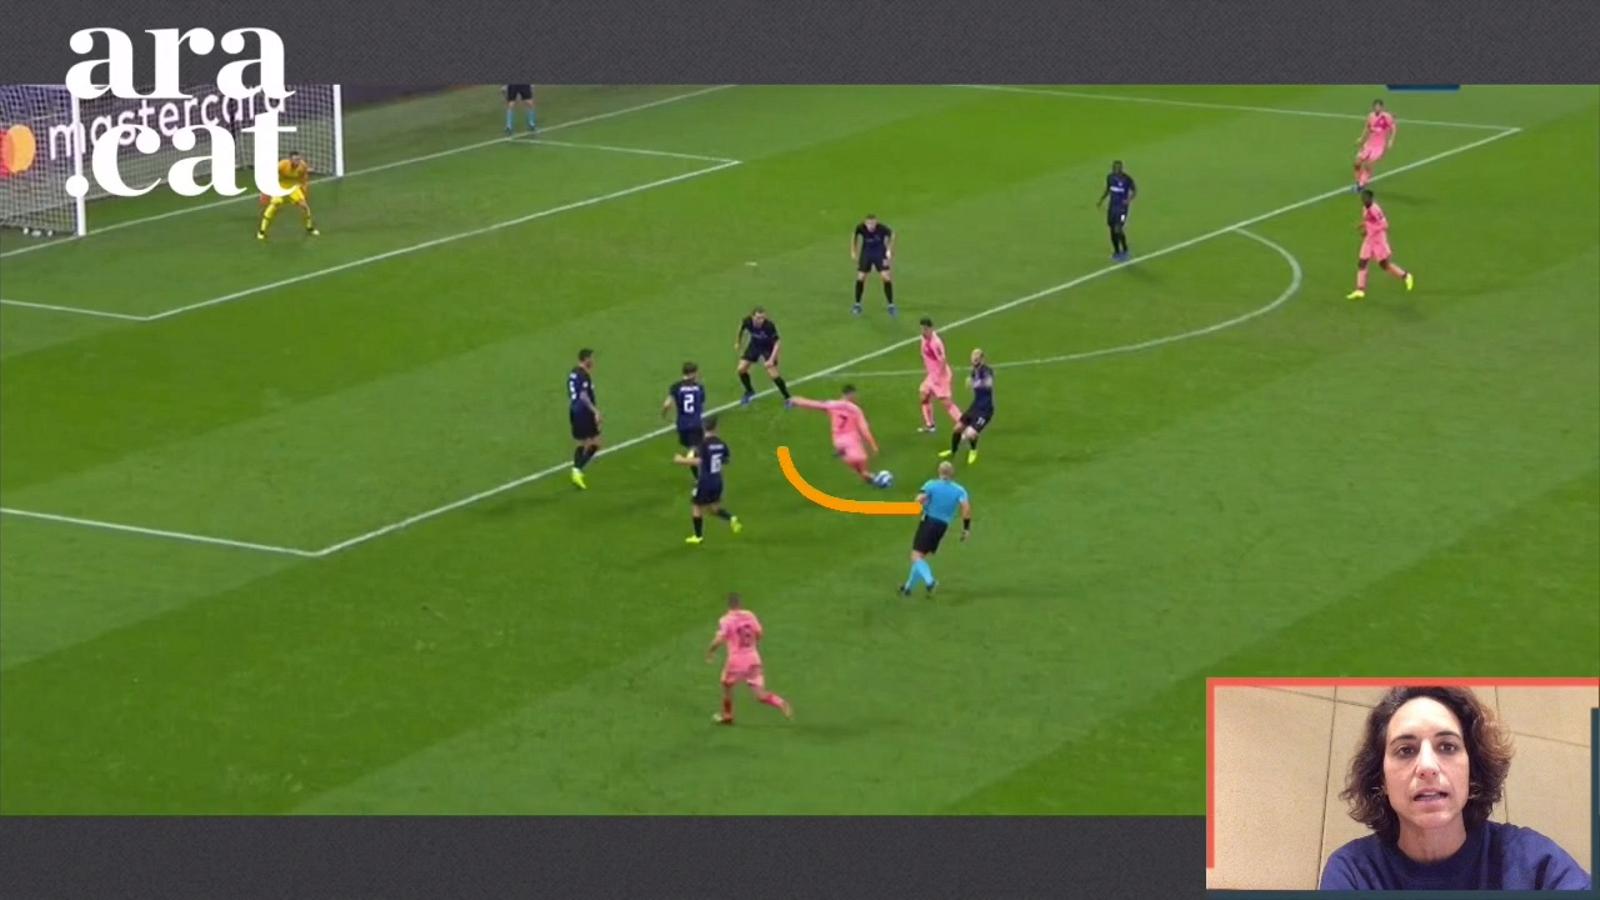 L'anàlisi de l'Inter-Barça en vídeo: Coutinho i un atac posicional molt més agressiu